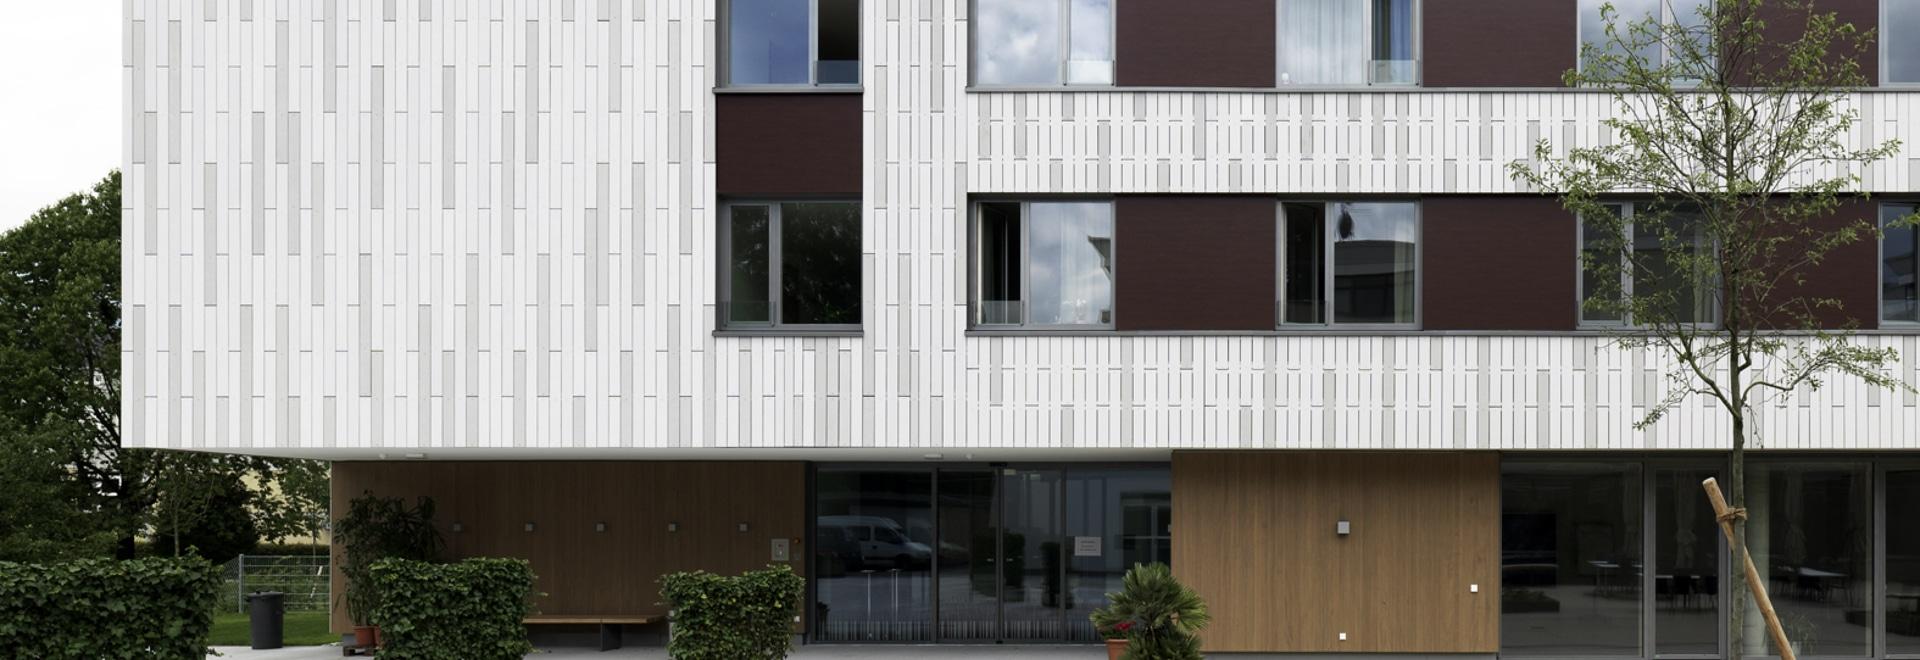 öko skin for senior citizen residence